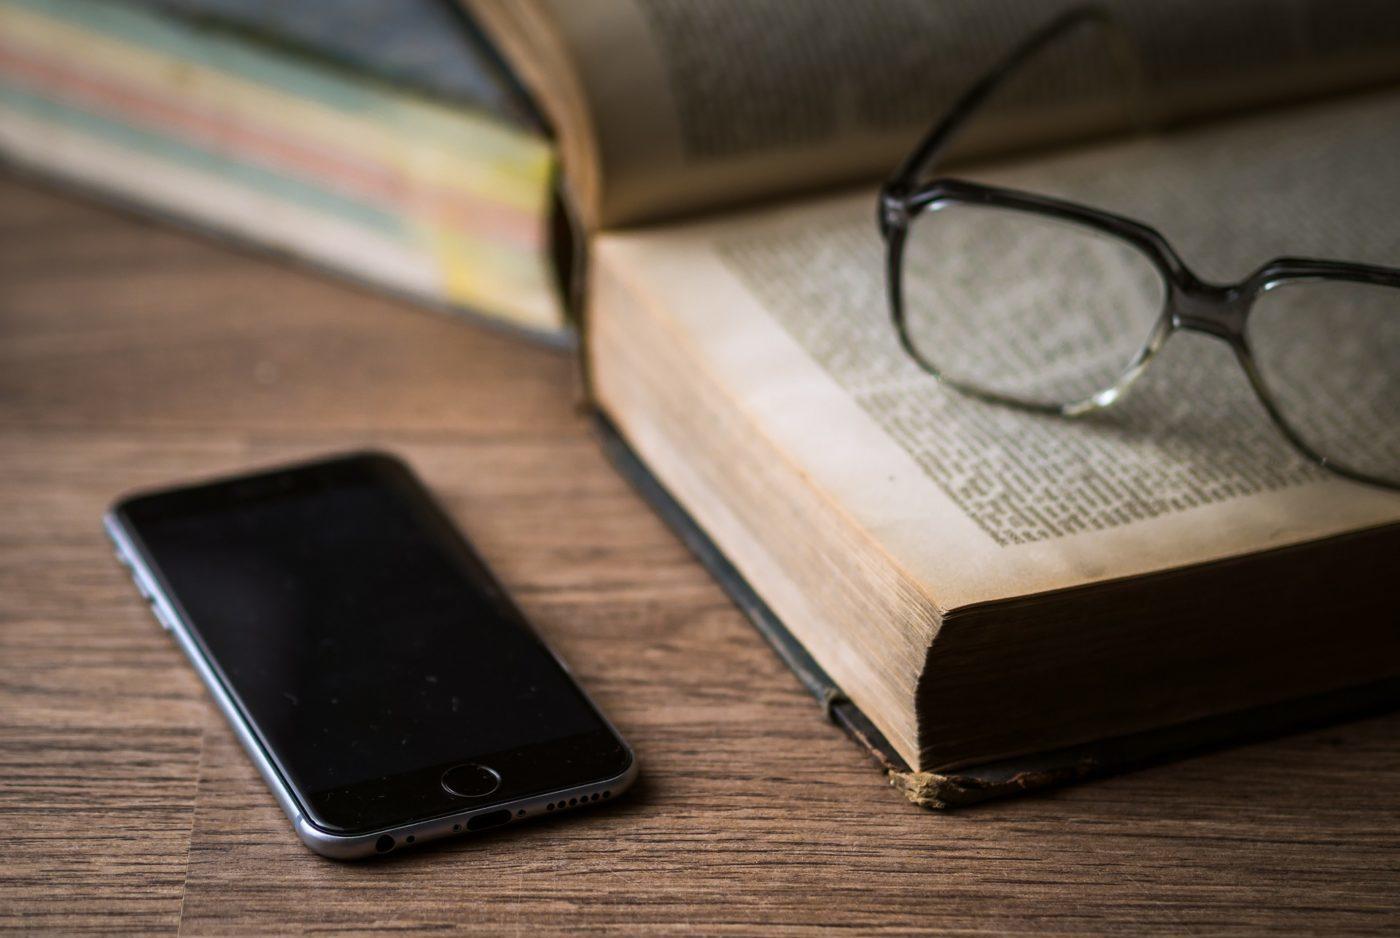 Dinheirama Top5 #72: Leituras para começar a semana